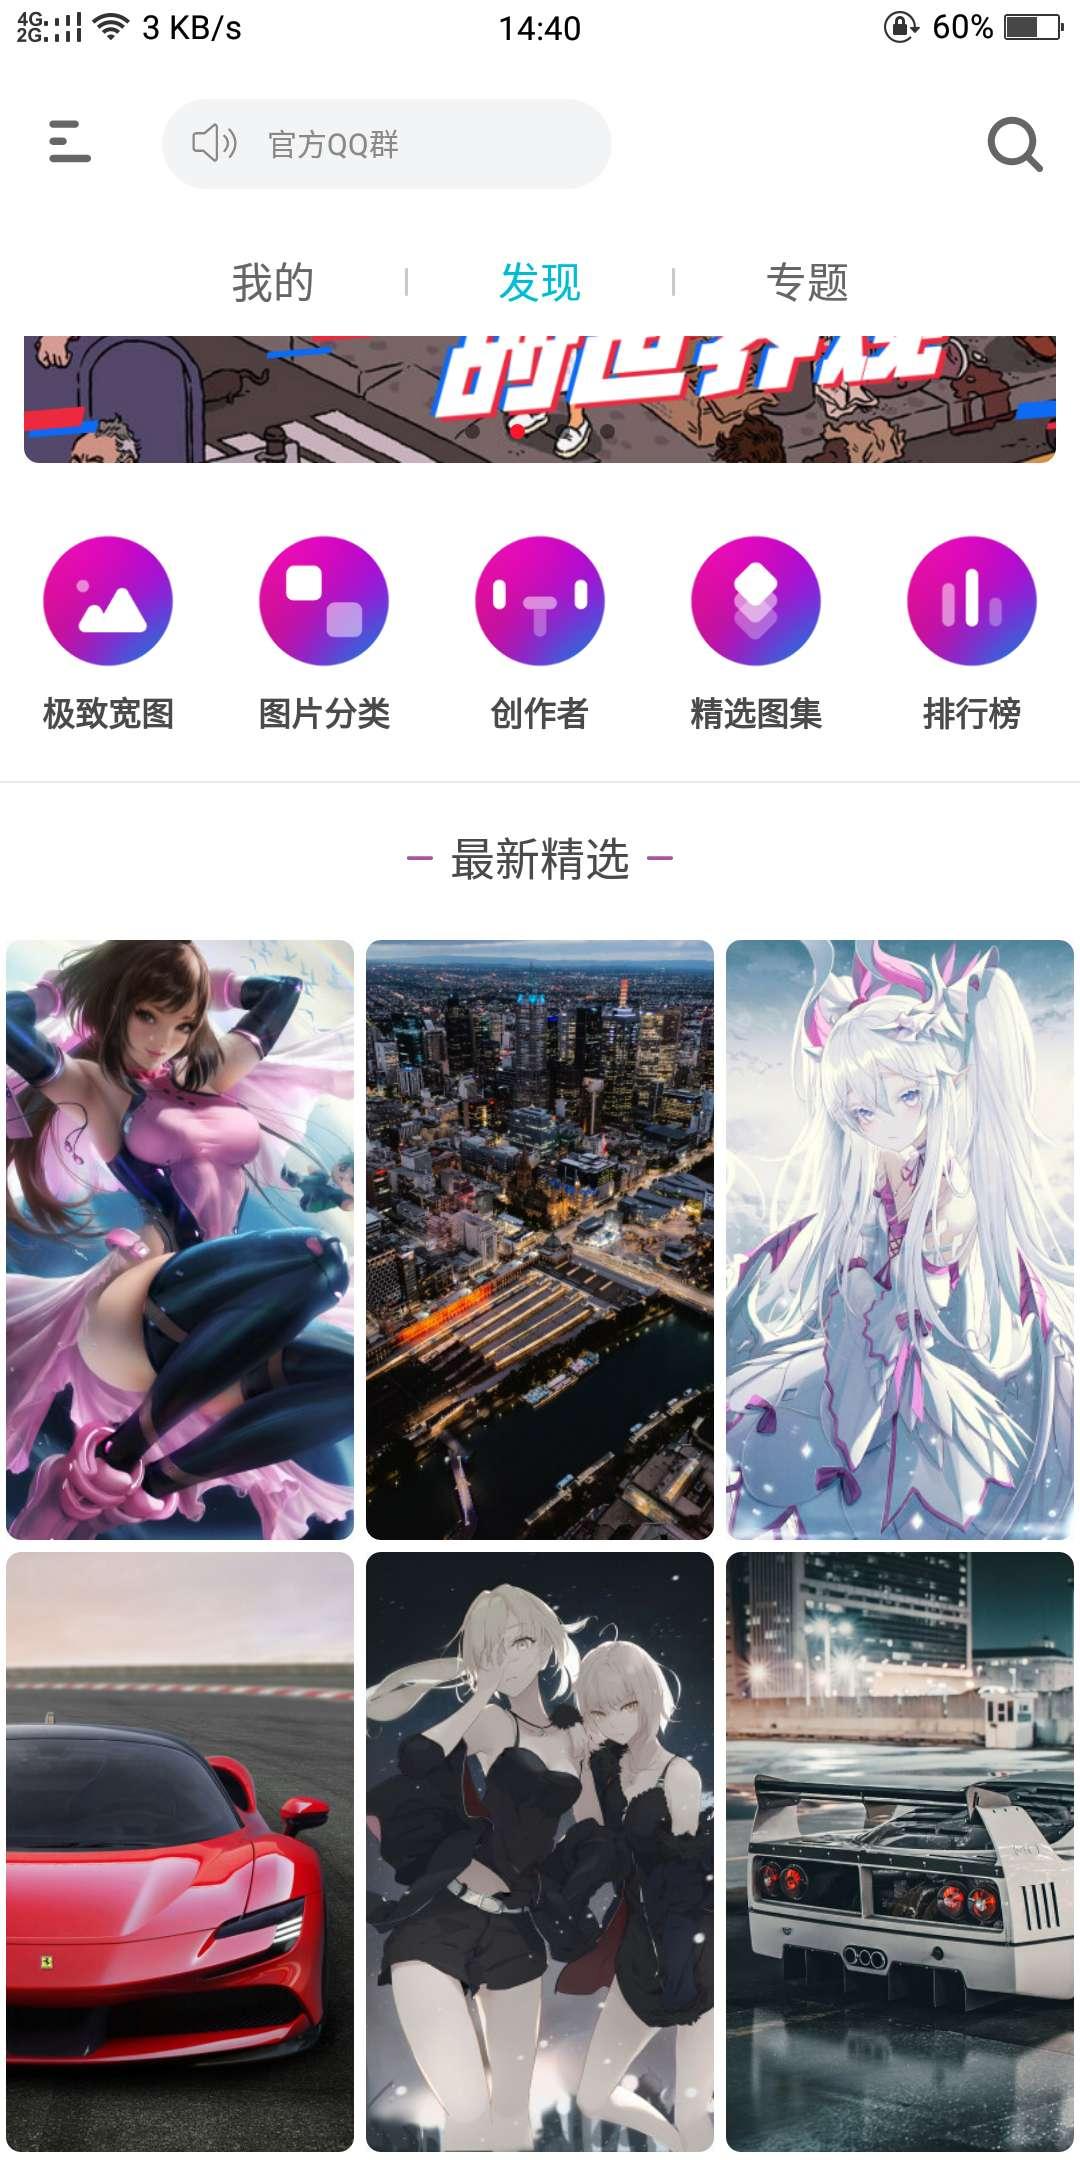 【分享】图凌2.9.2最新版_会员破解——图凌在手壁纸不愁